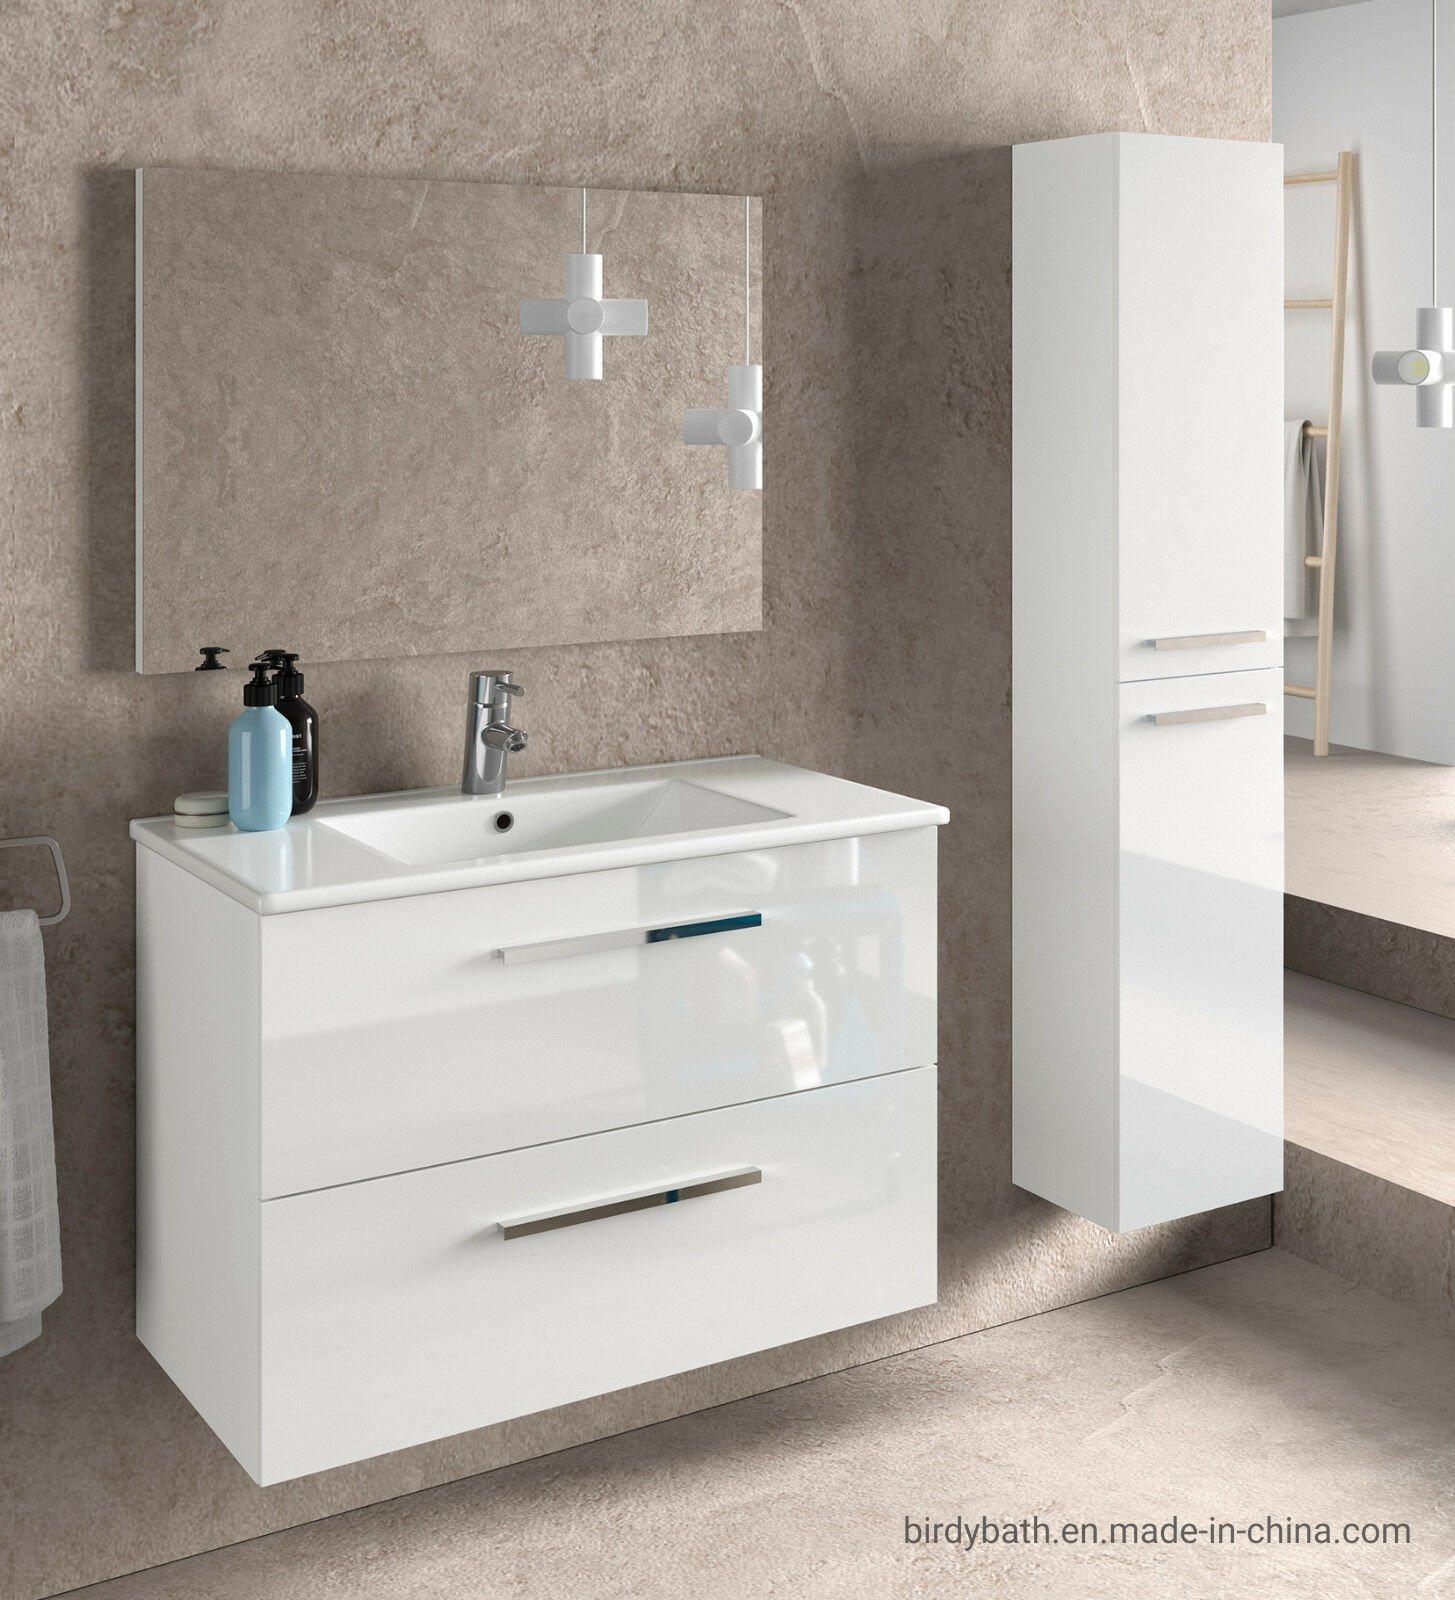 Bathroom Vanity Unit, Suspended Bathroom Vanity